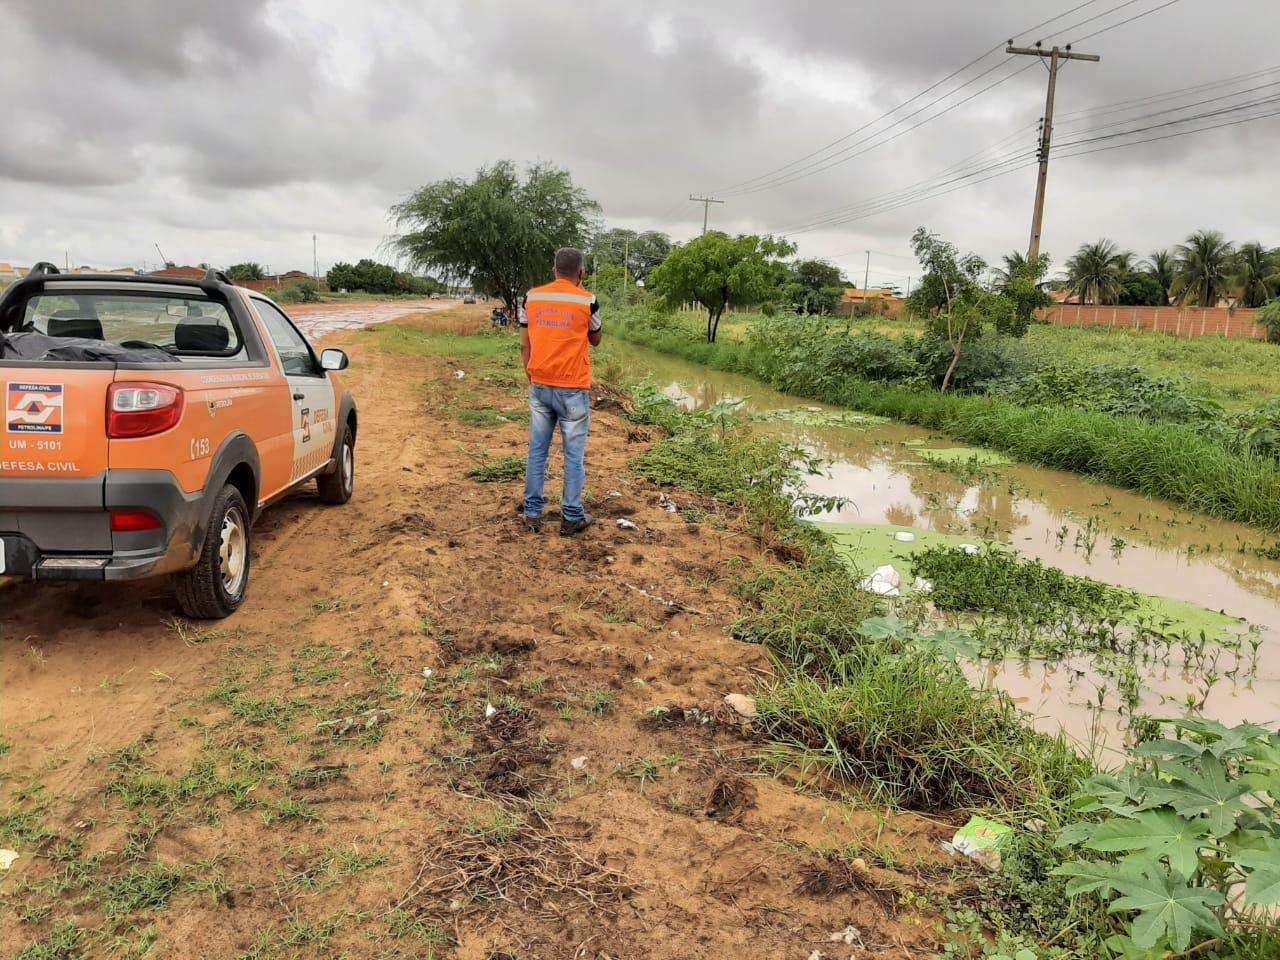 Defesa Civil alerta para possibilidade de continuidade das chuvas até este sábado